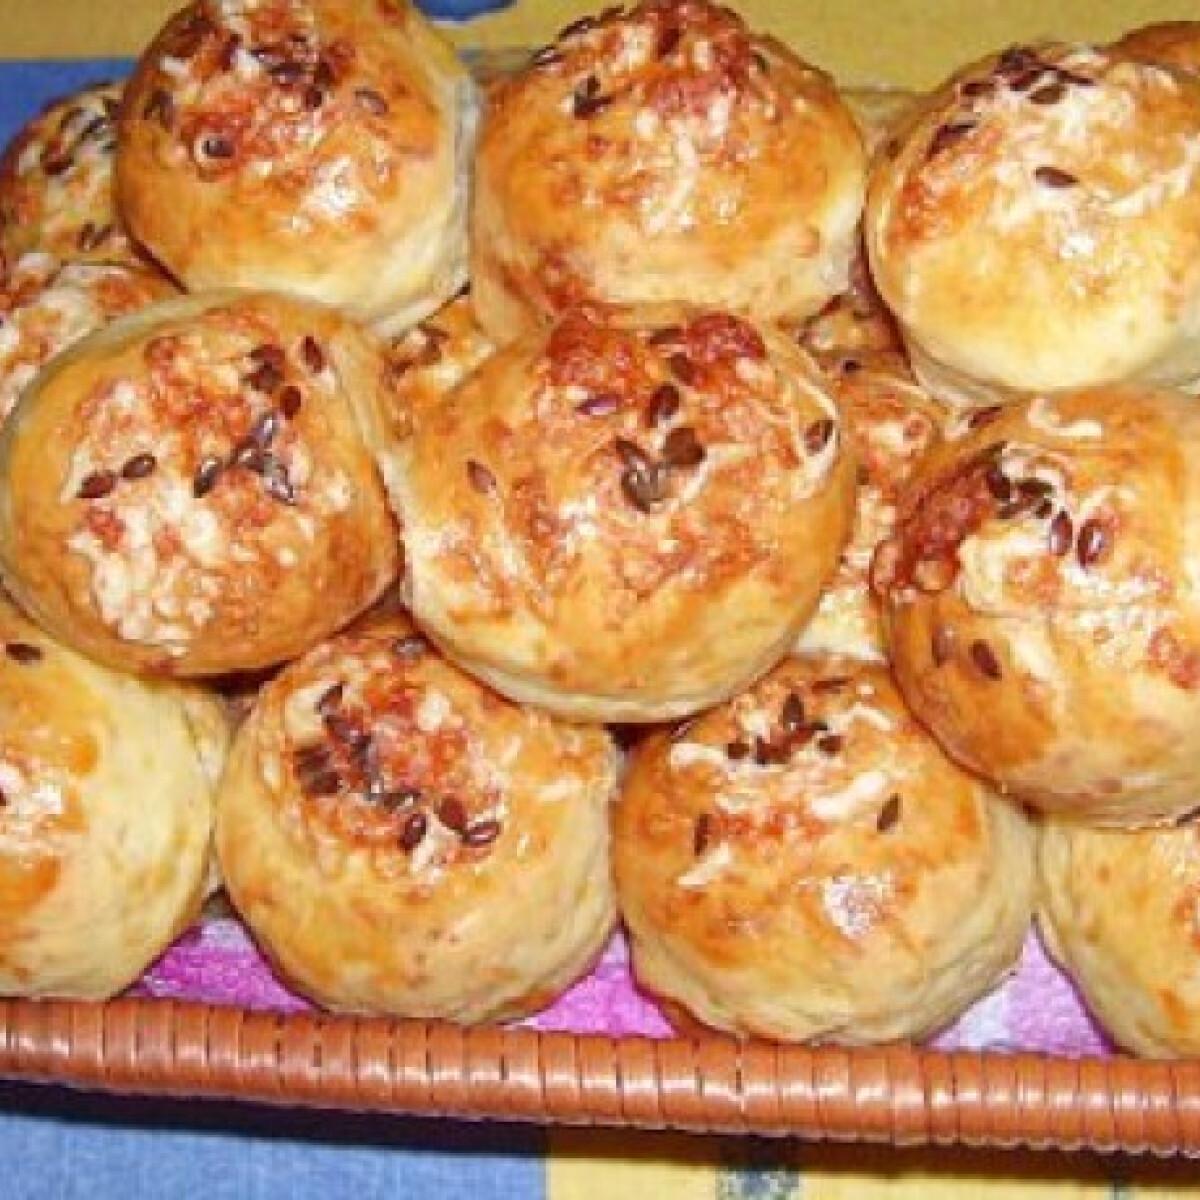 Sajtos-magos pogácsa bjkata konyhájából